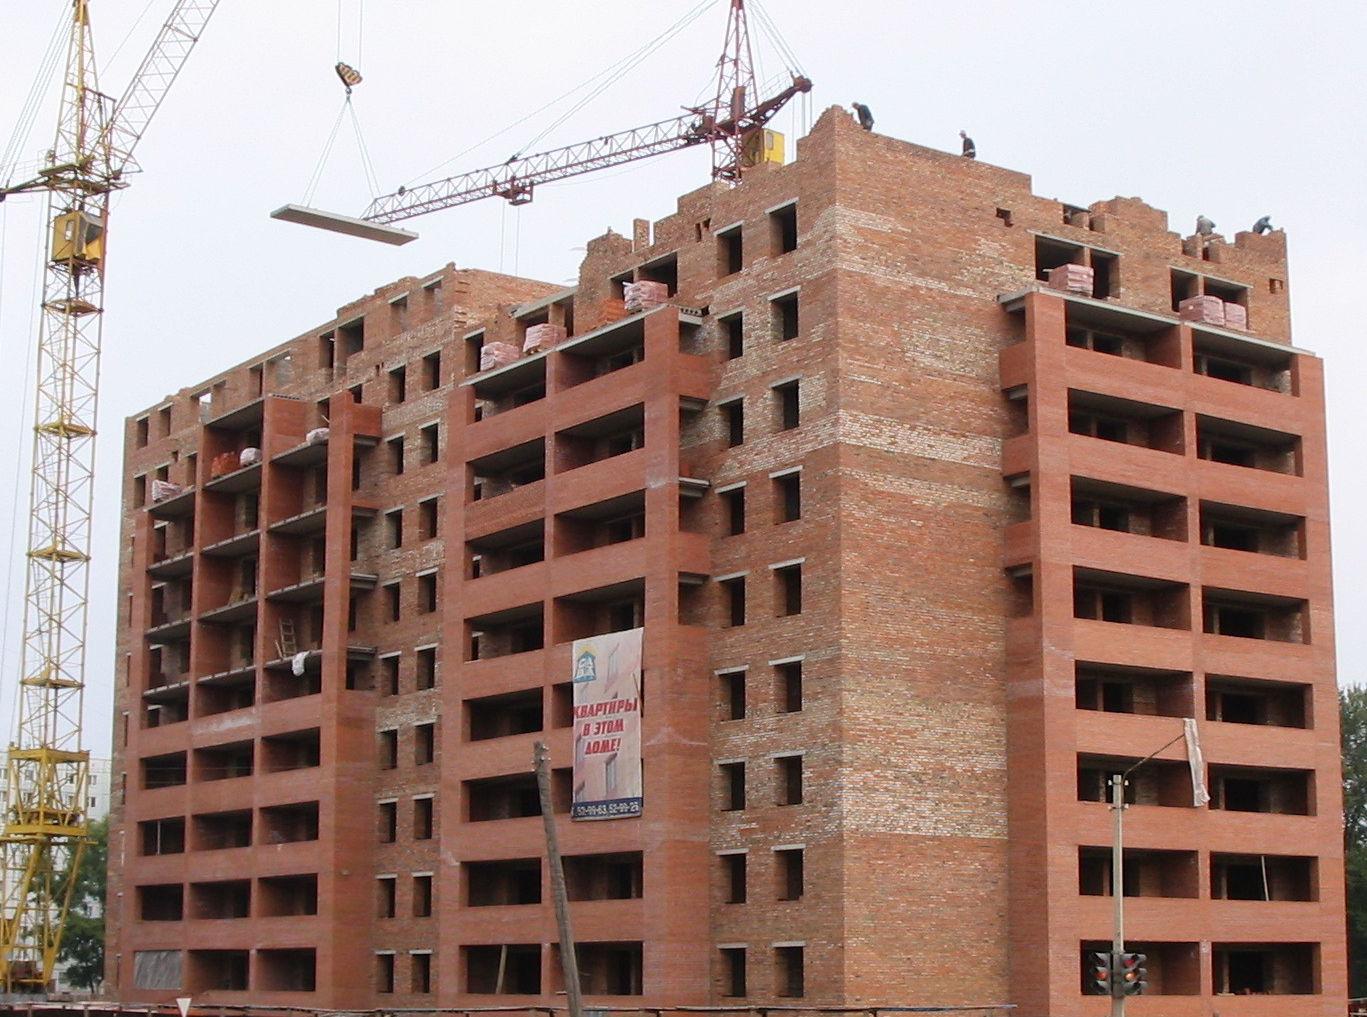 Строительство нового жилья в Москве и области после кризиса на рынке недвижимости